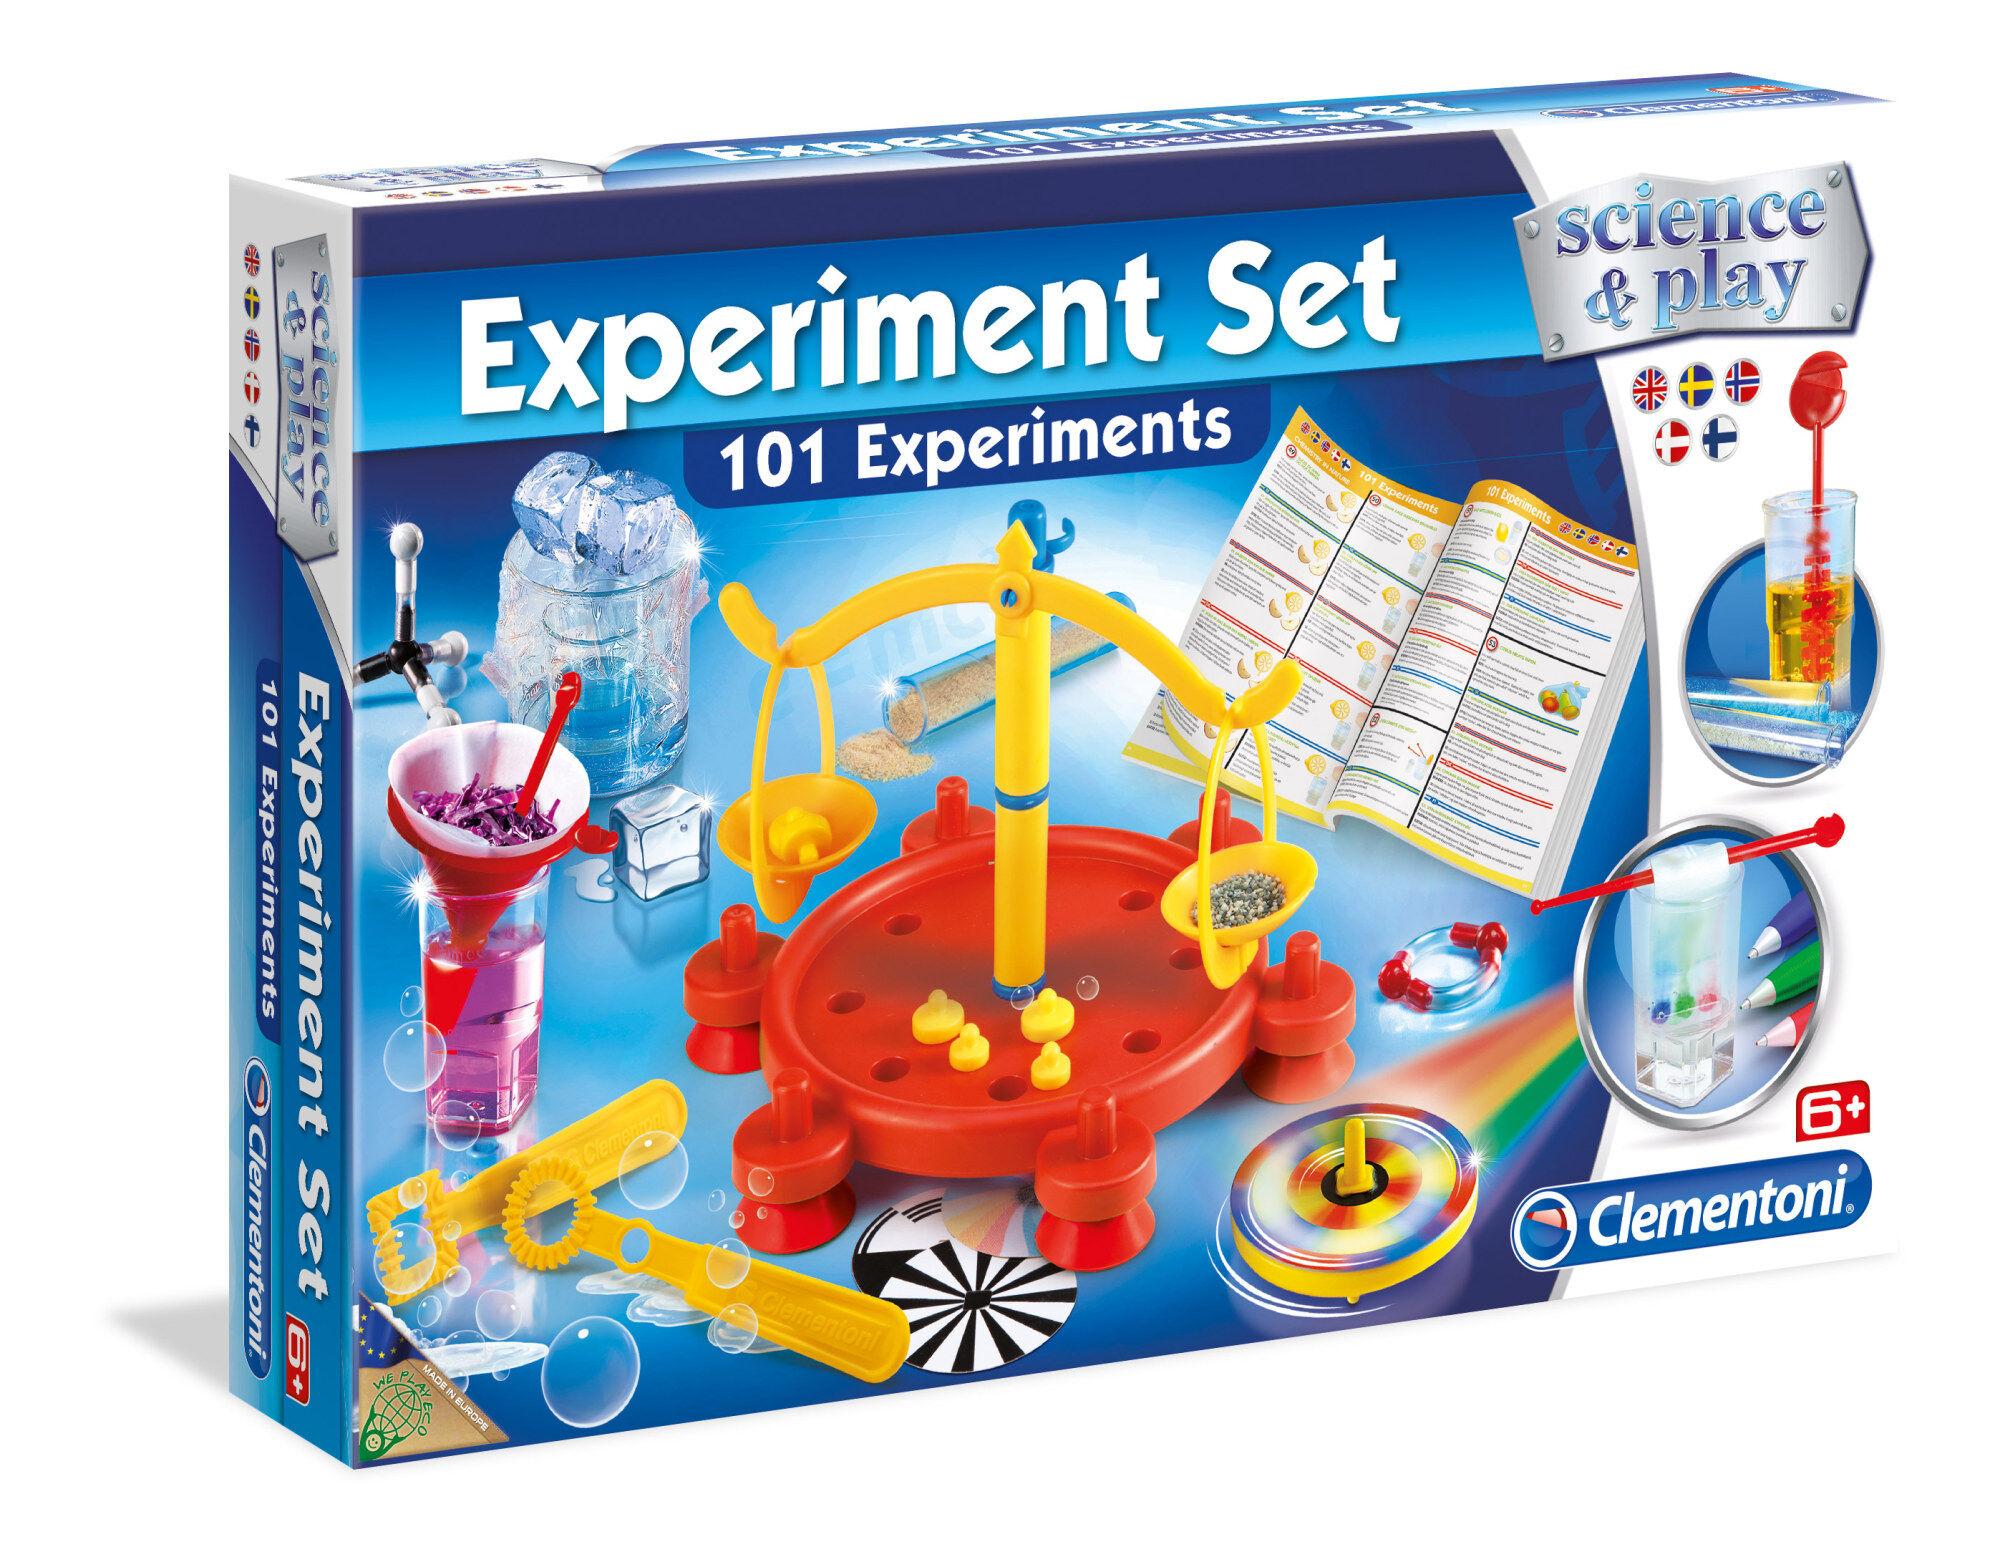 Clementoni Experiment Set 101 kemiikan ja fysiikan kokeita